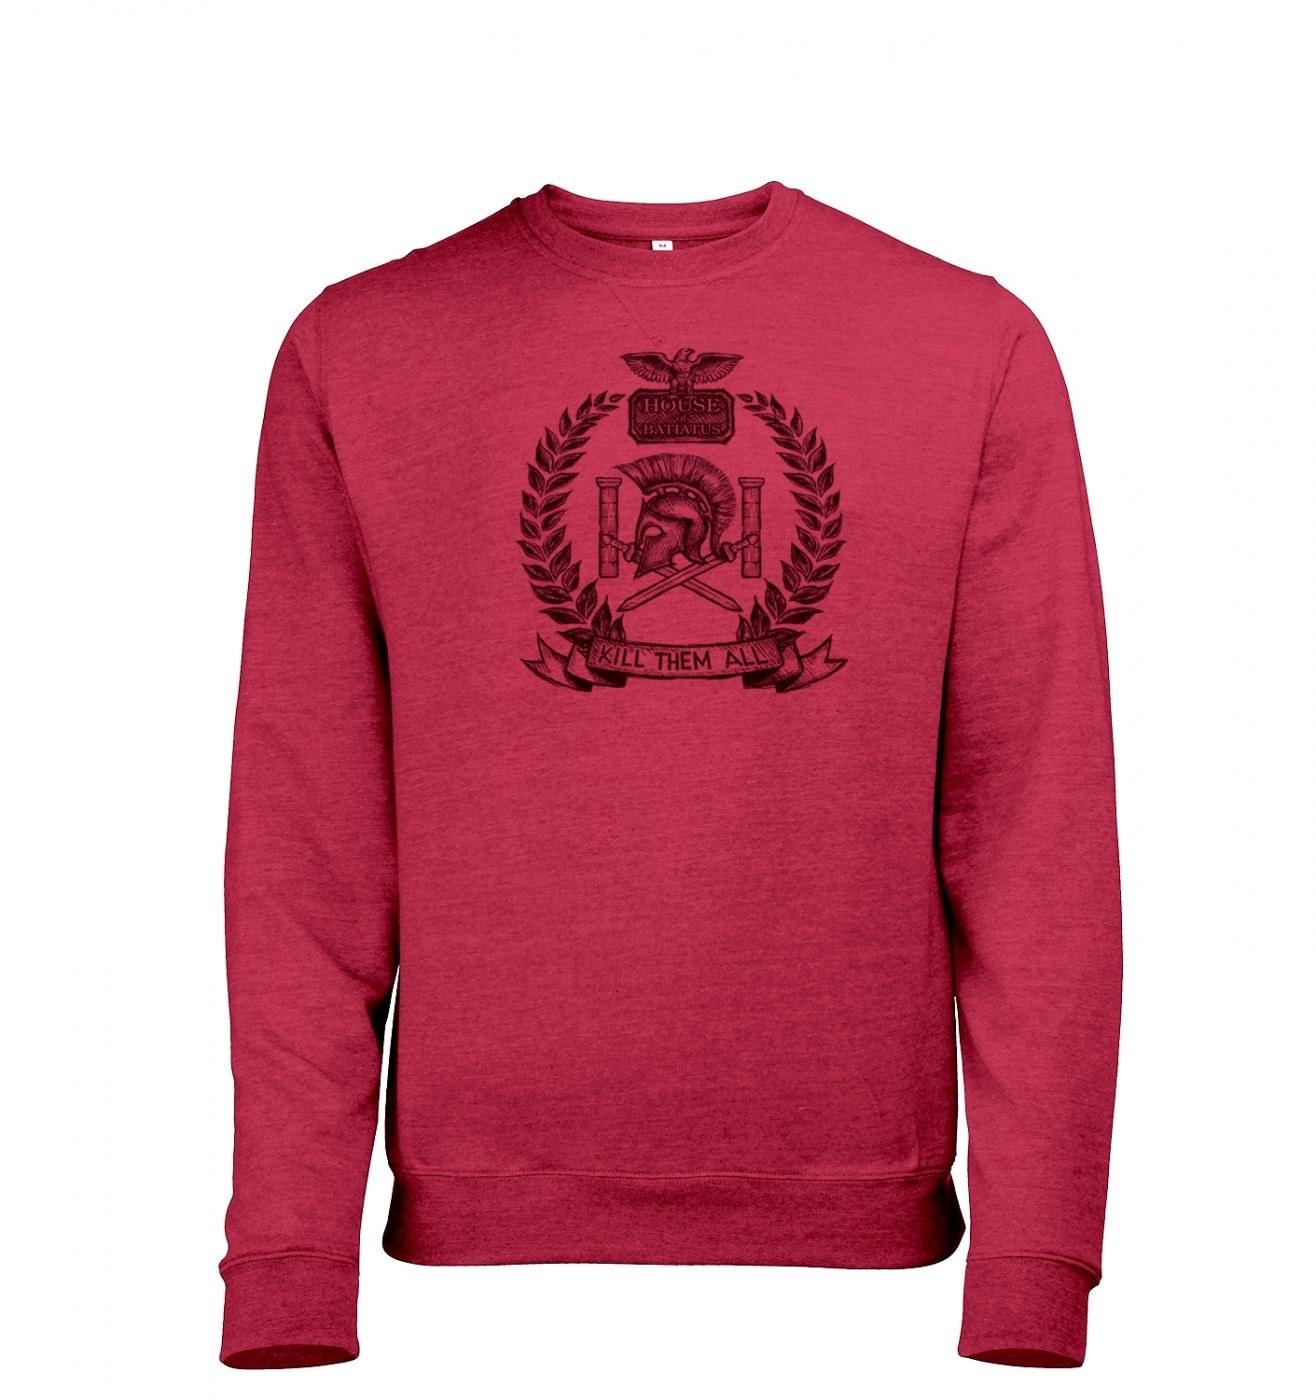 House of Batiatus heather sweatshirt